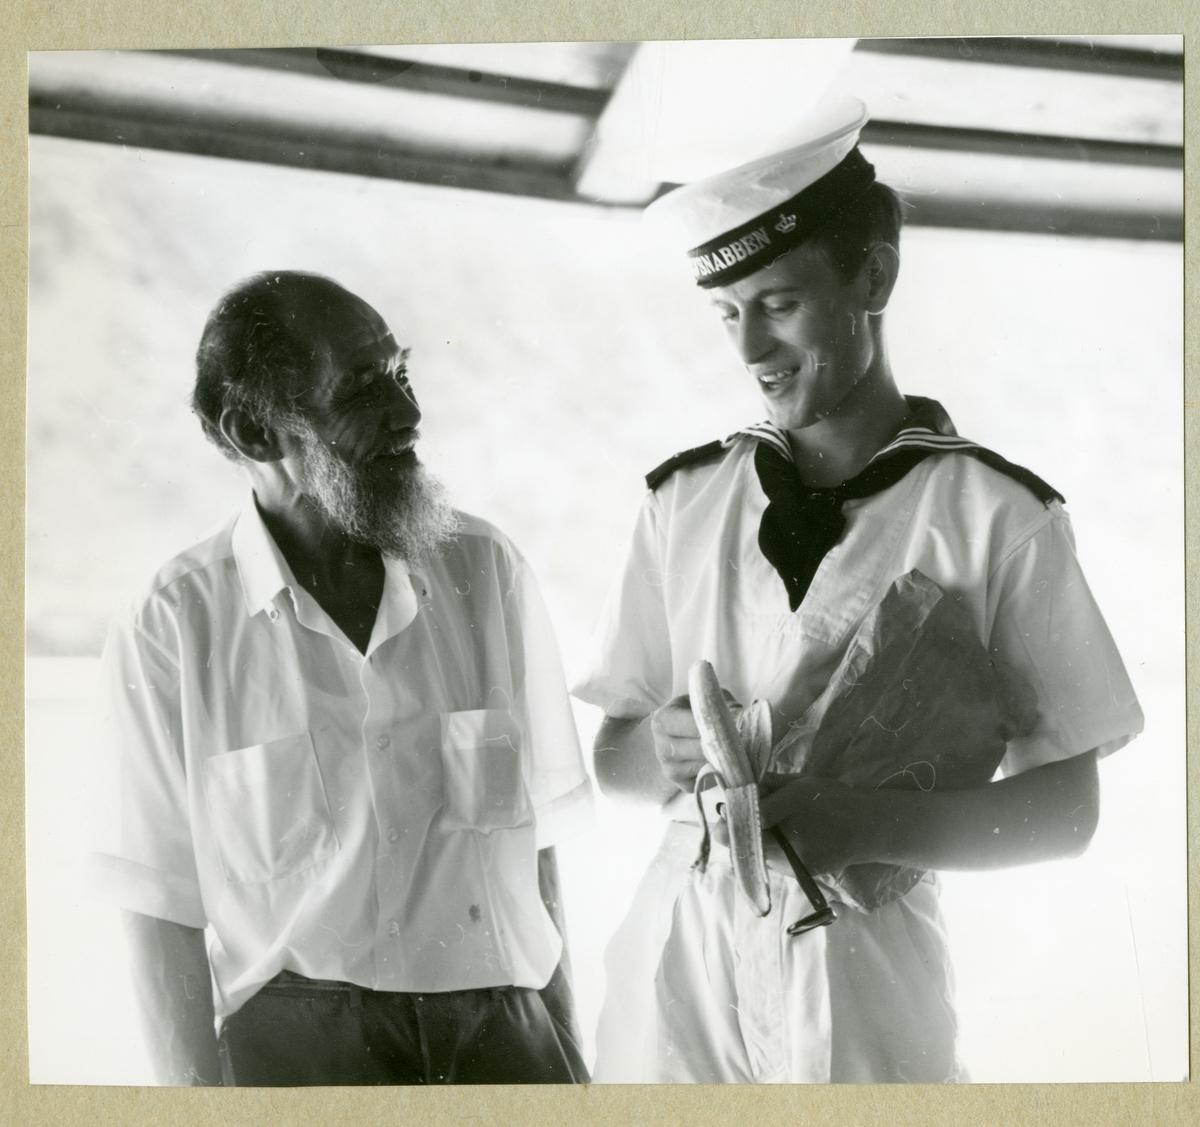 Bilden föreställer en besättningman i vit uniform som skalar en banan. Bredvid står en äldre man. Bilden är tagen under minfartyget Älvsnabbens långresa 1966-1967.